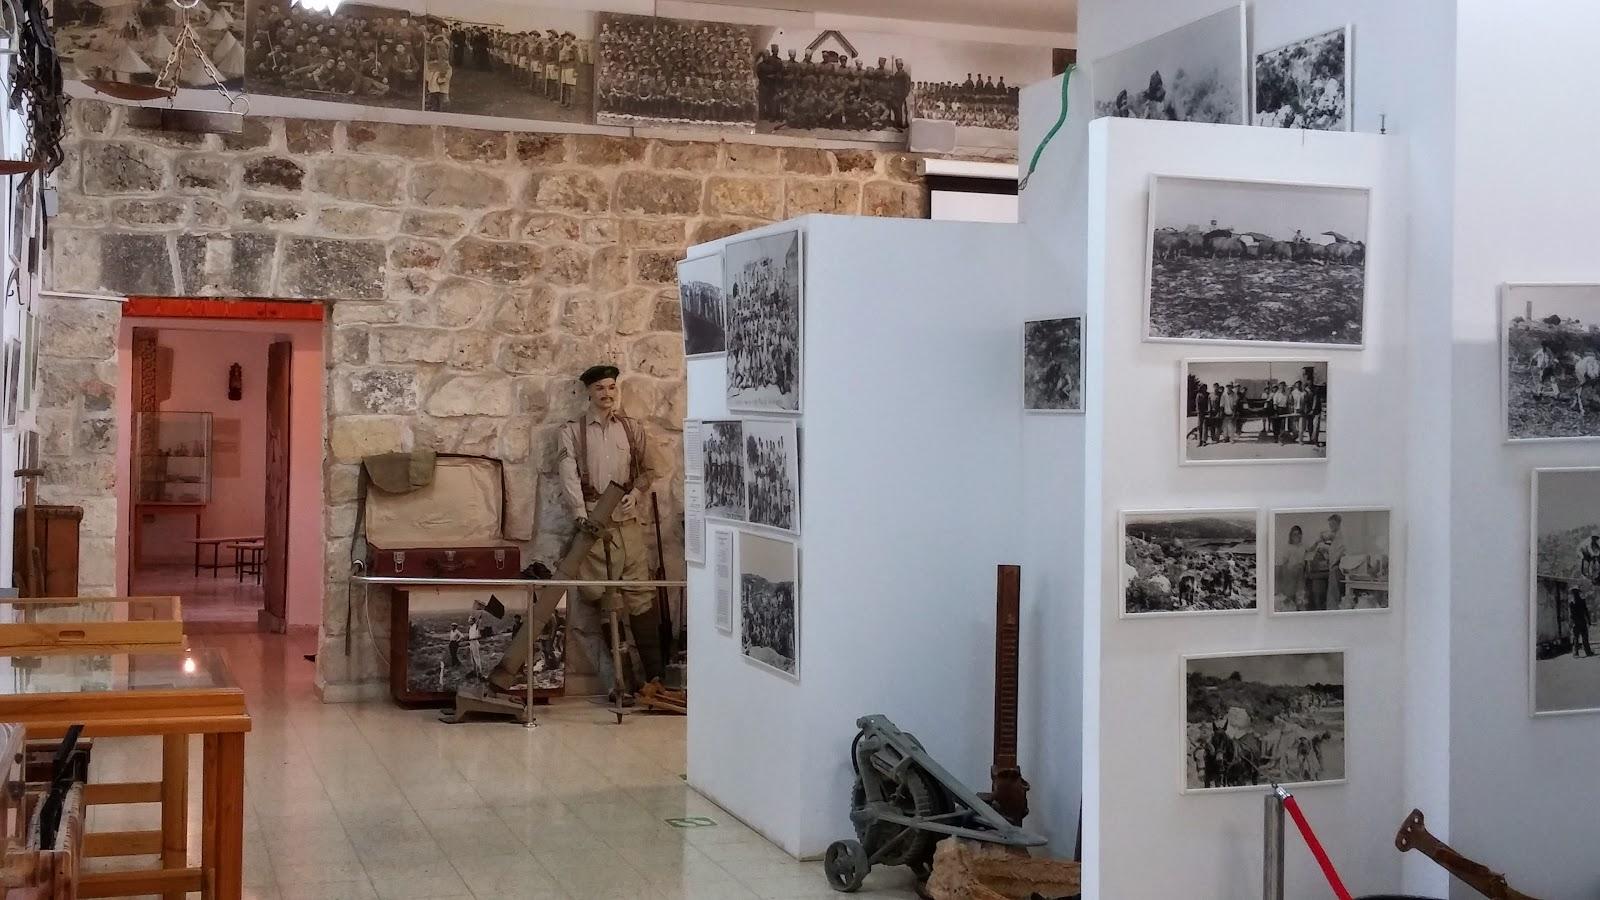 מוזיאון חומה ומגדל חניתה, גליל מערבי